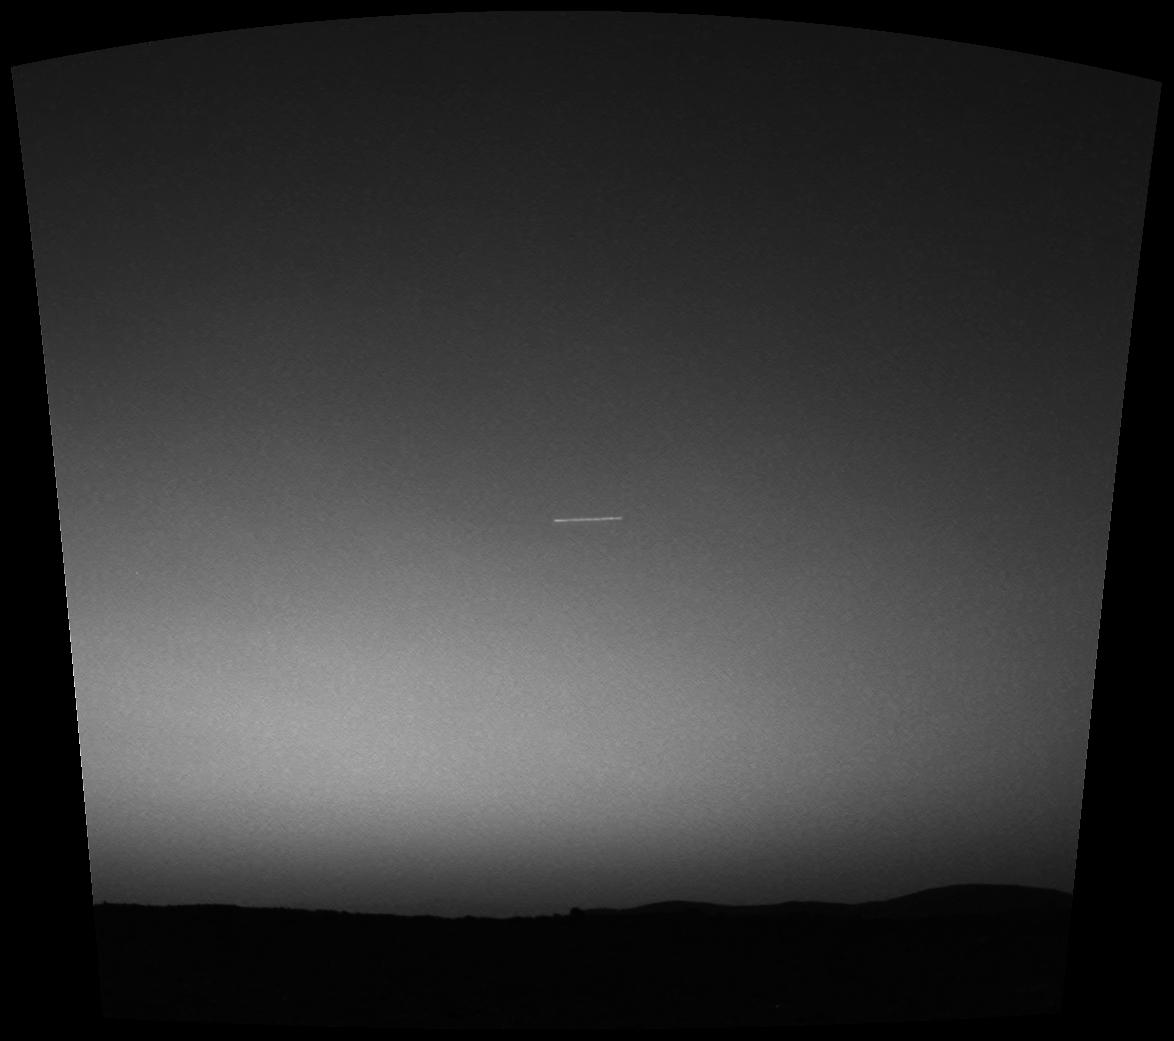 Earth_Sol63A_UFO-A067R1.jpg